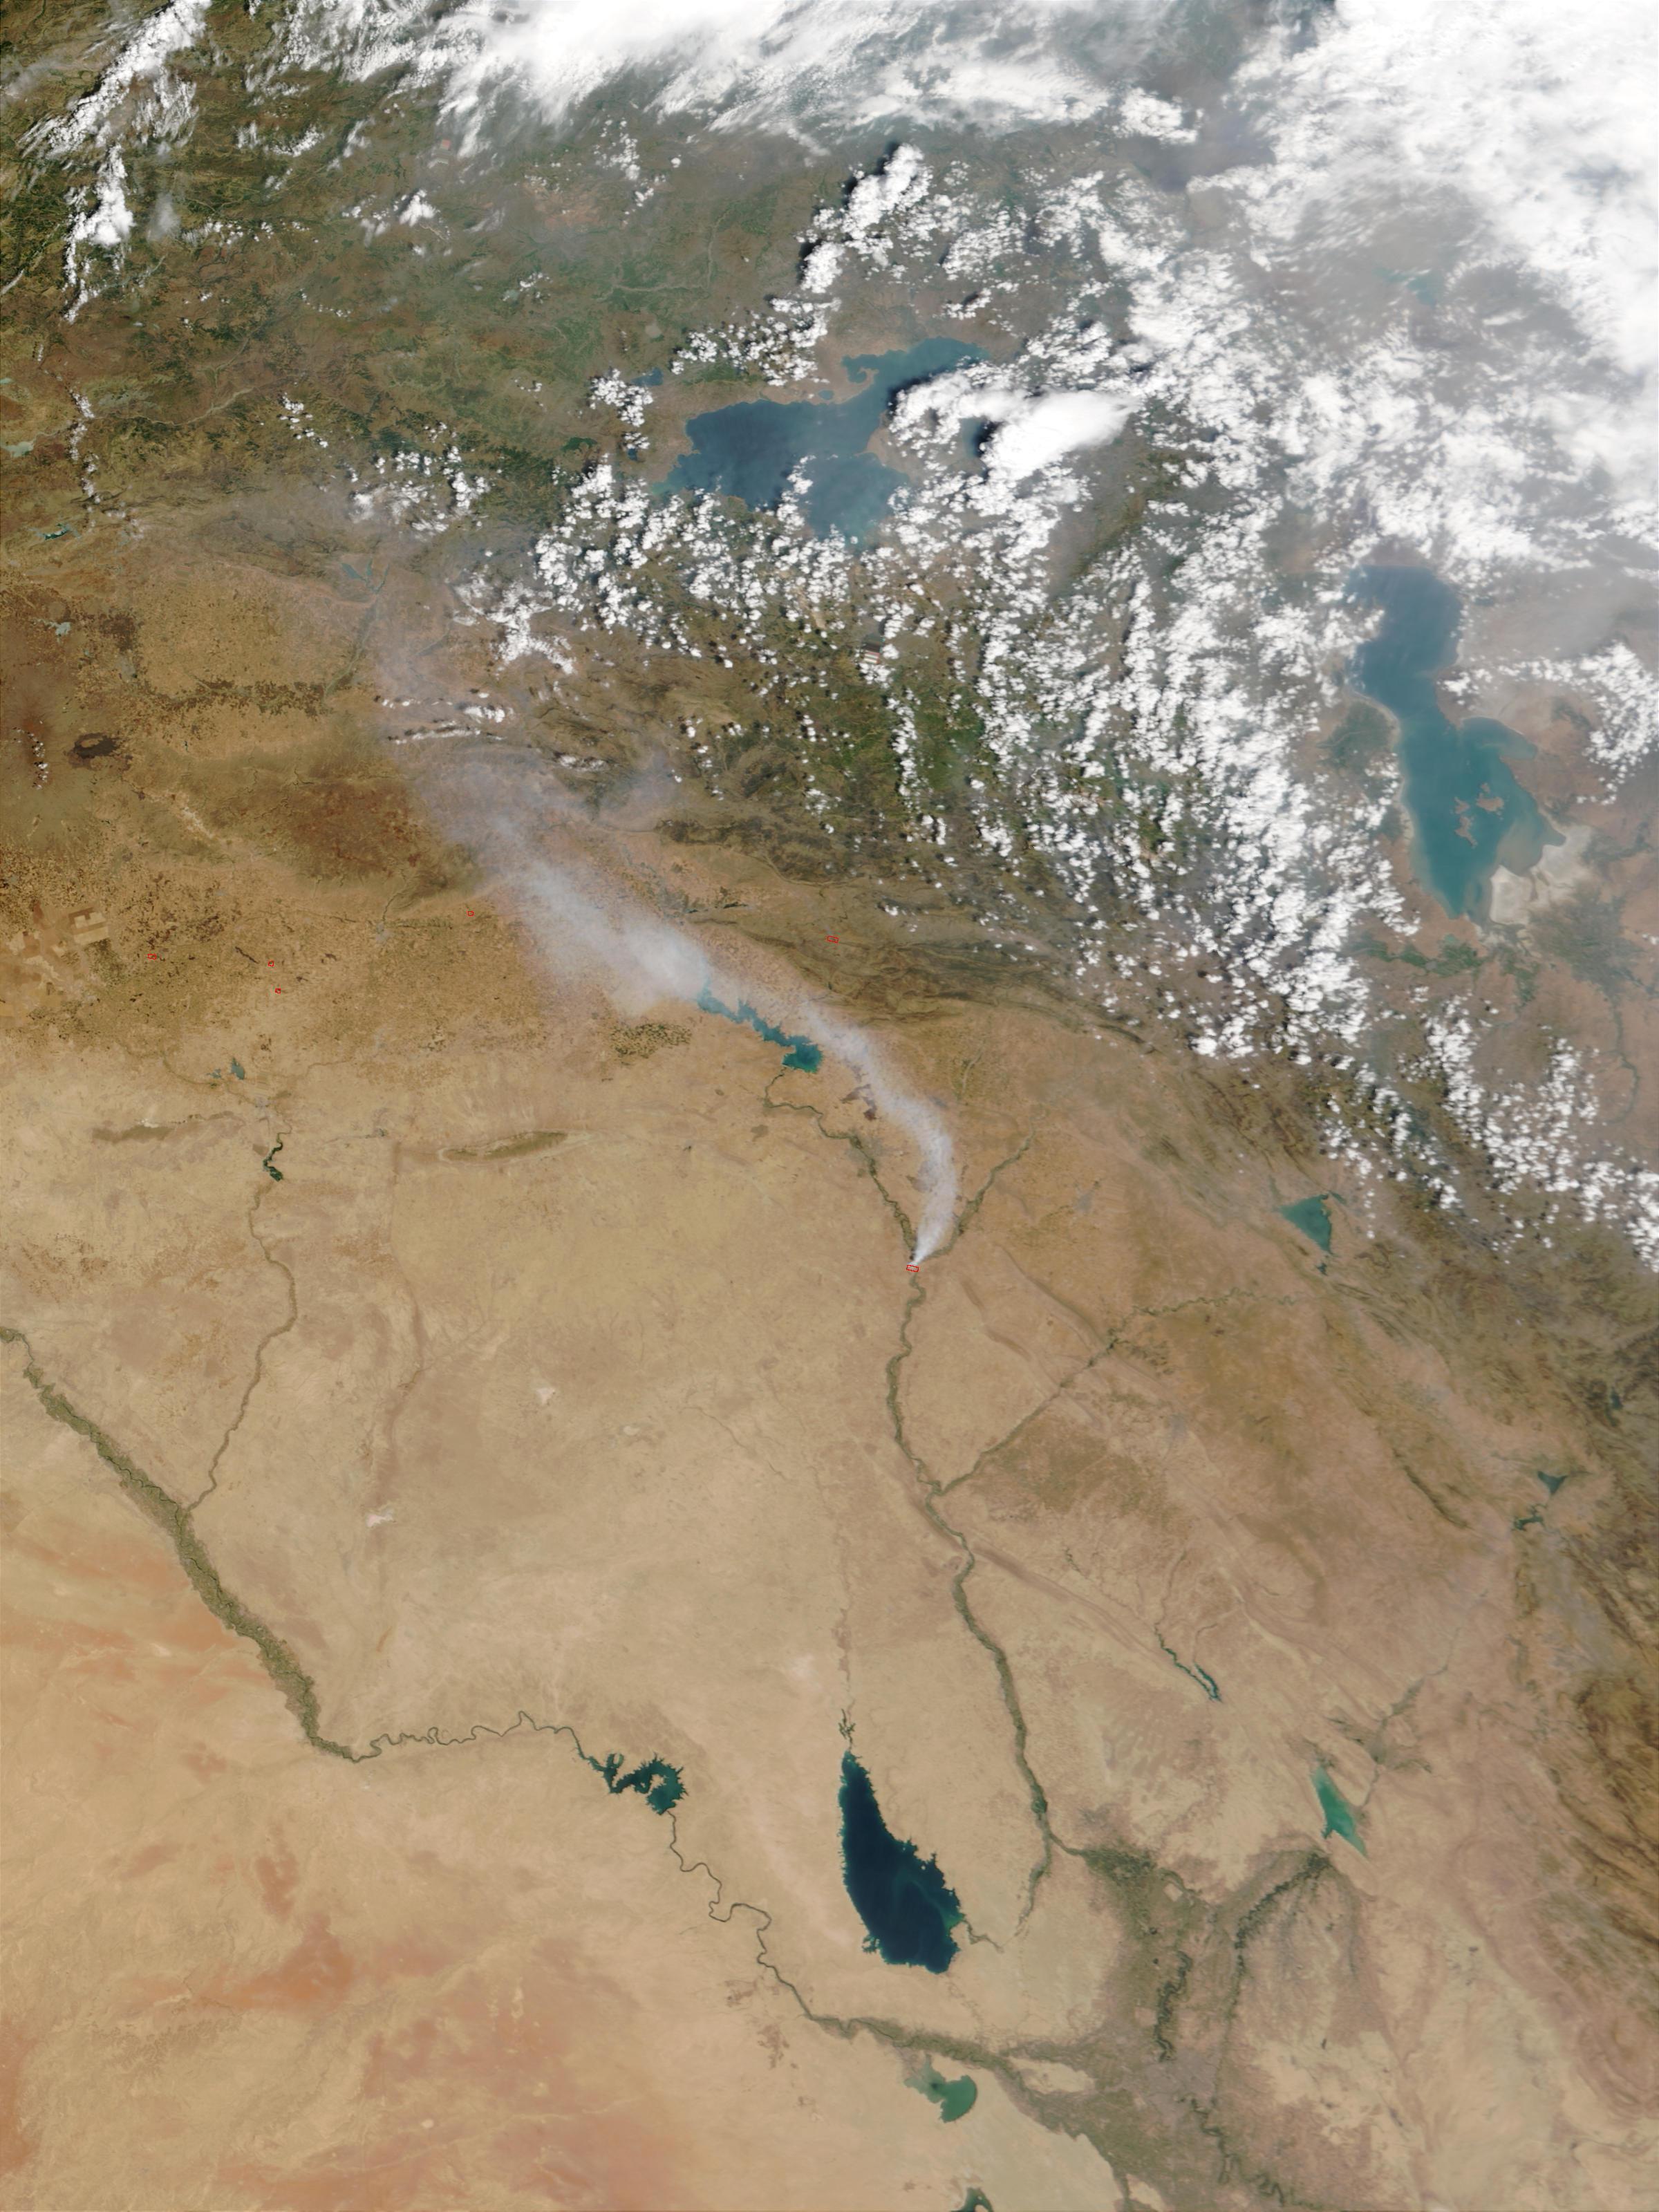 Penacho de humo tóxico de fuego de azufre, norte de Iraq